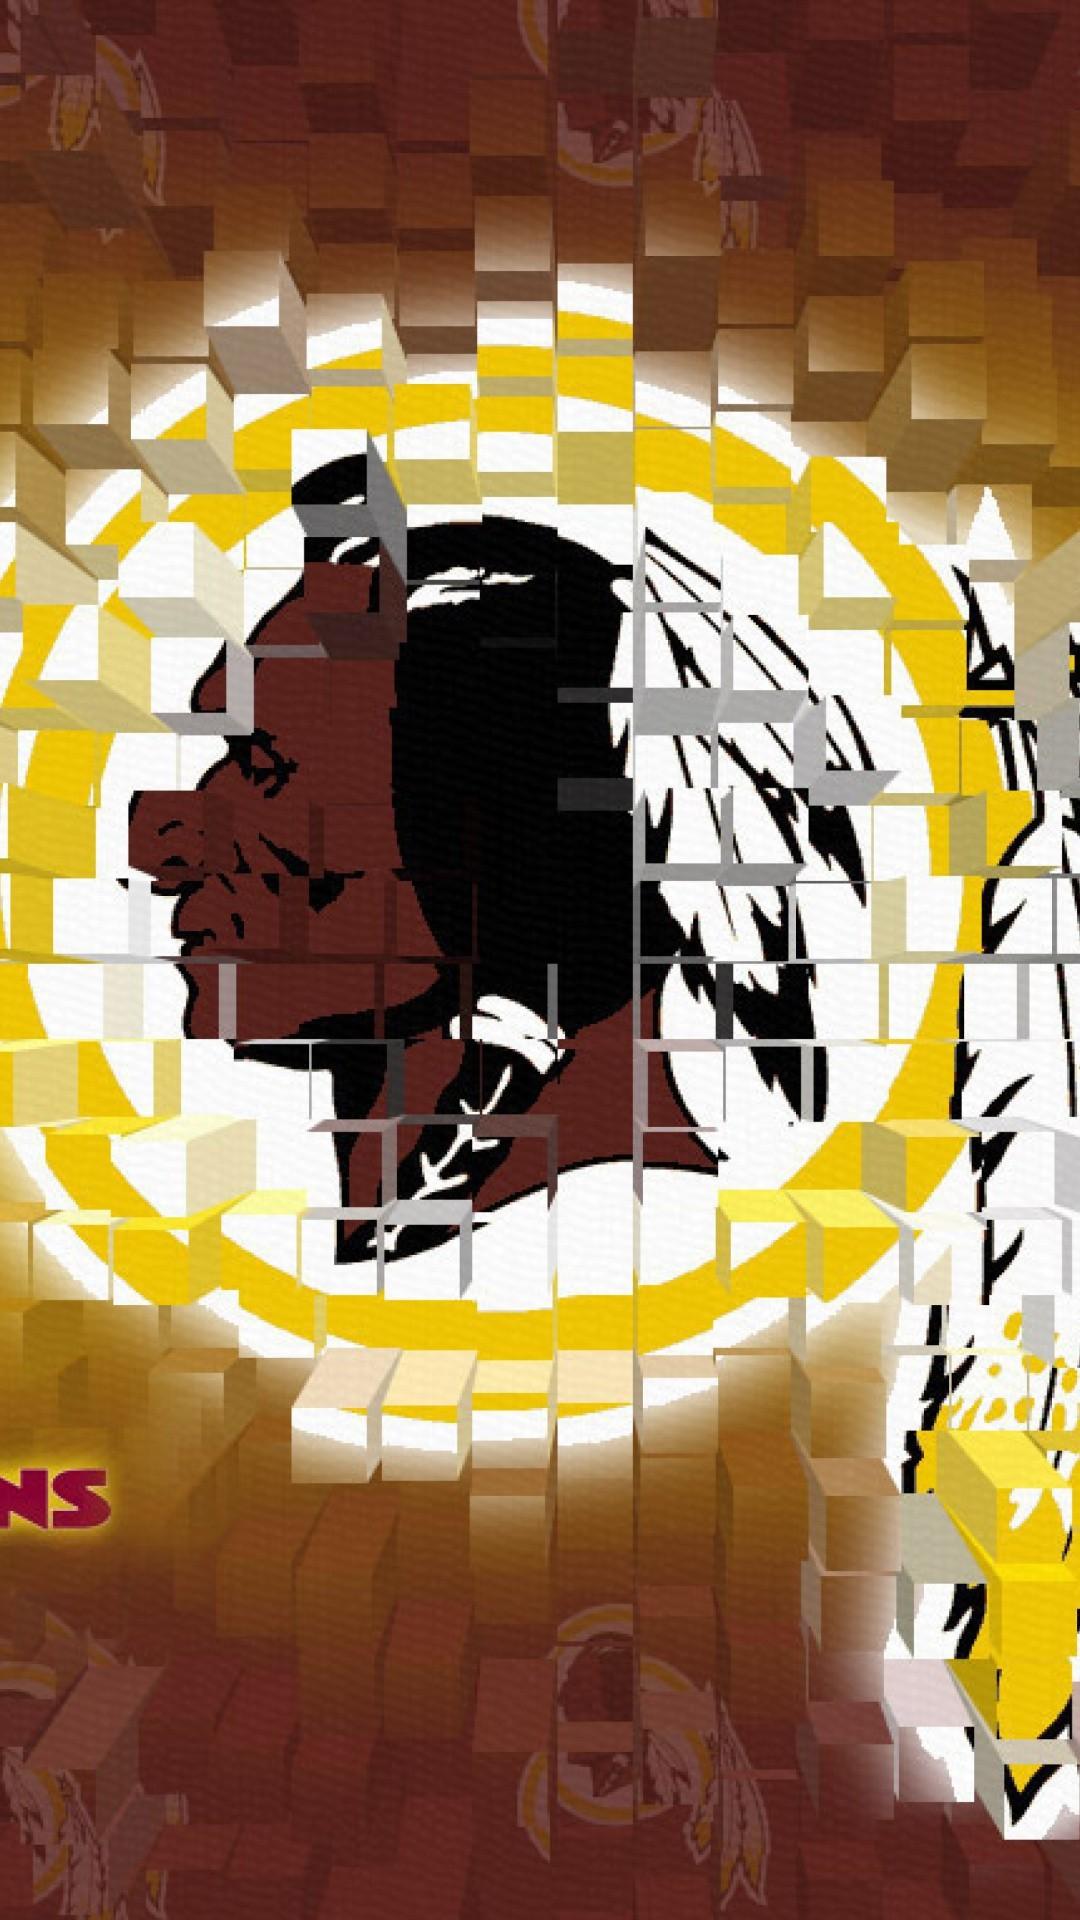 View Larger Image Washington Redskins iPhone Wallpaper HD